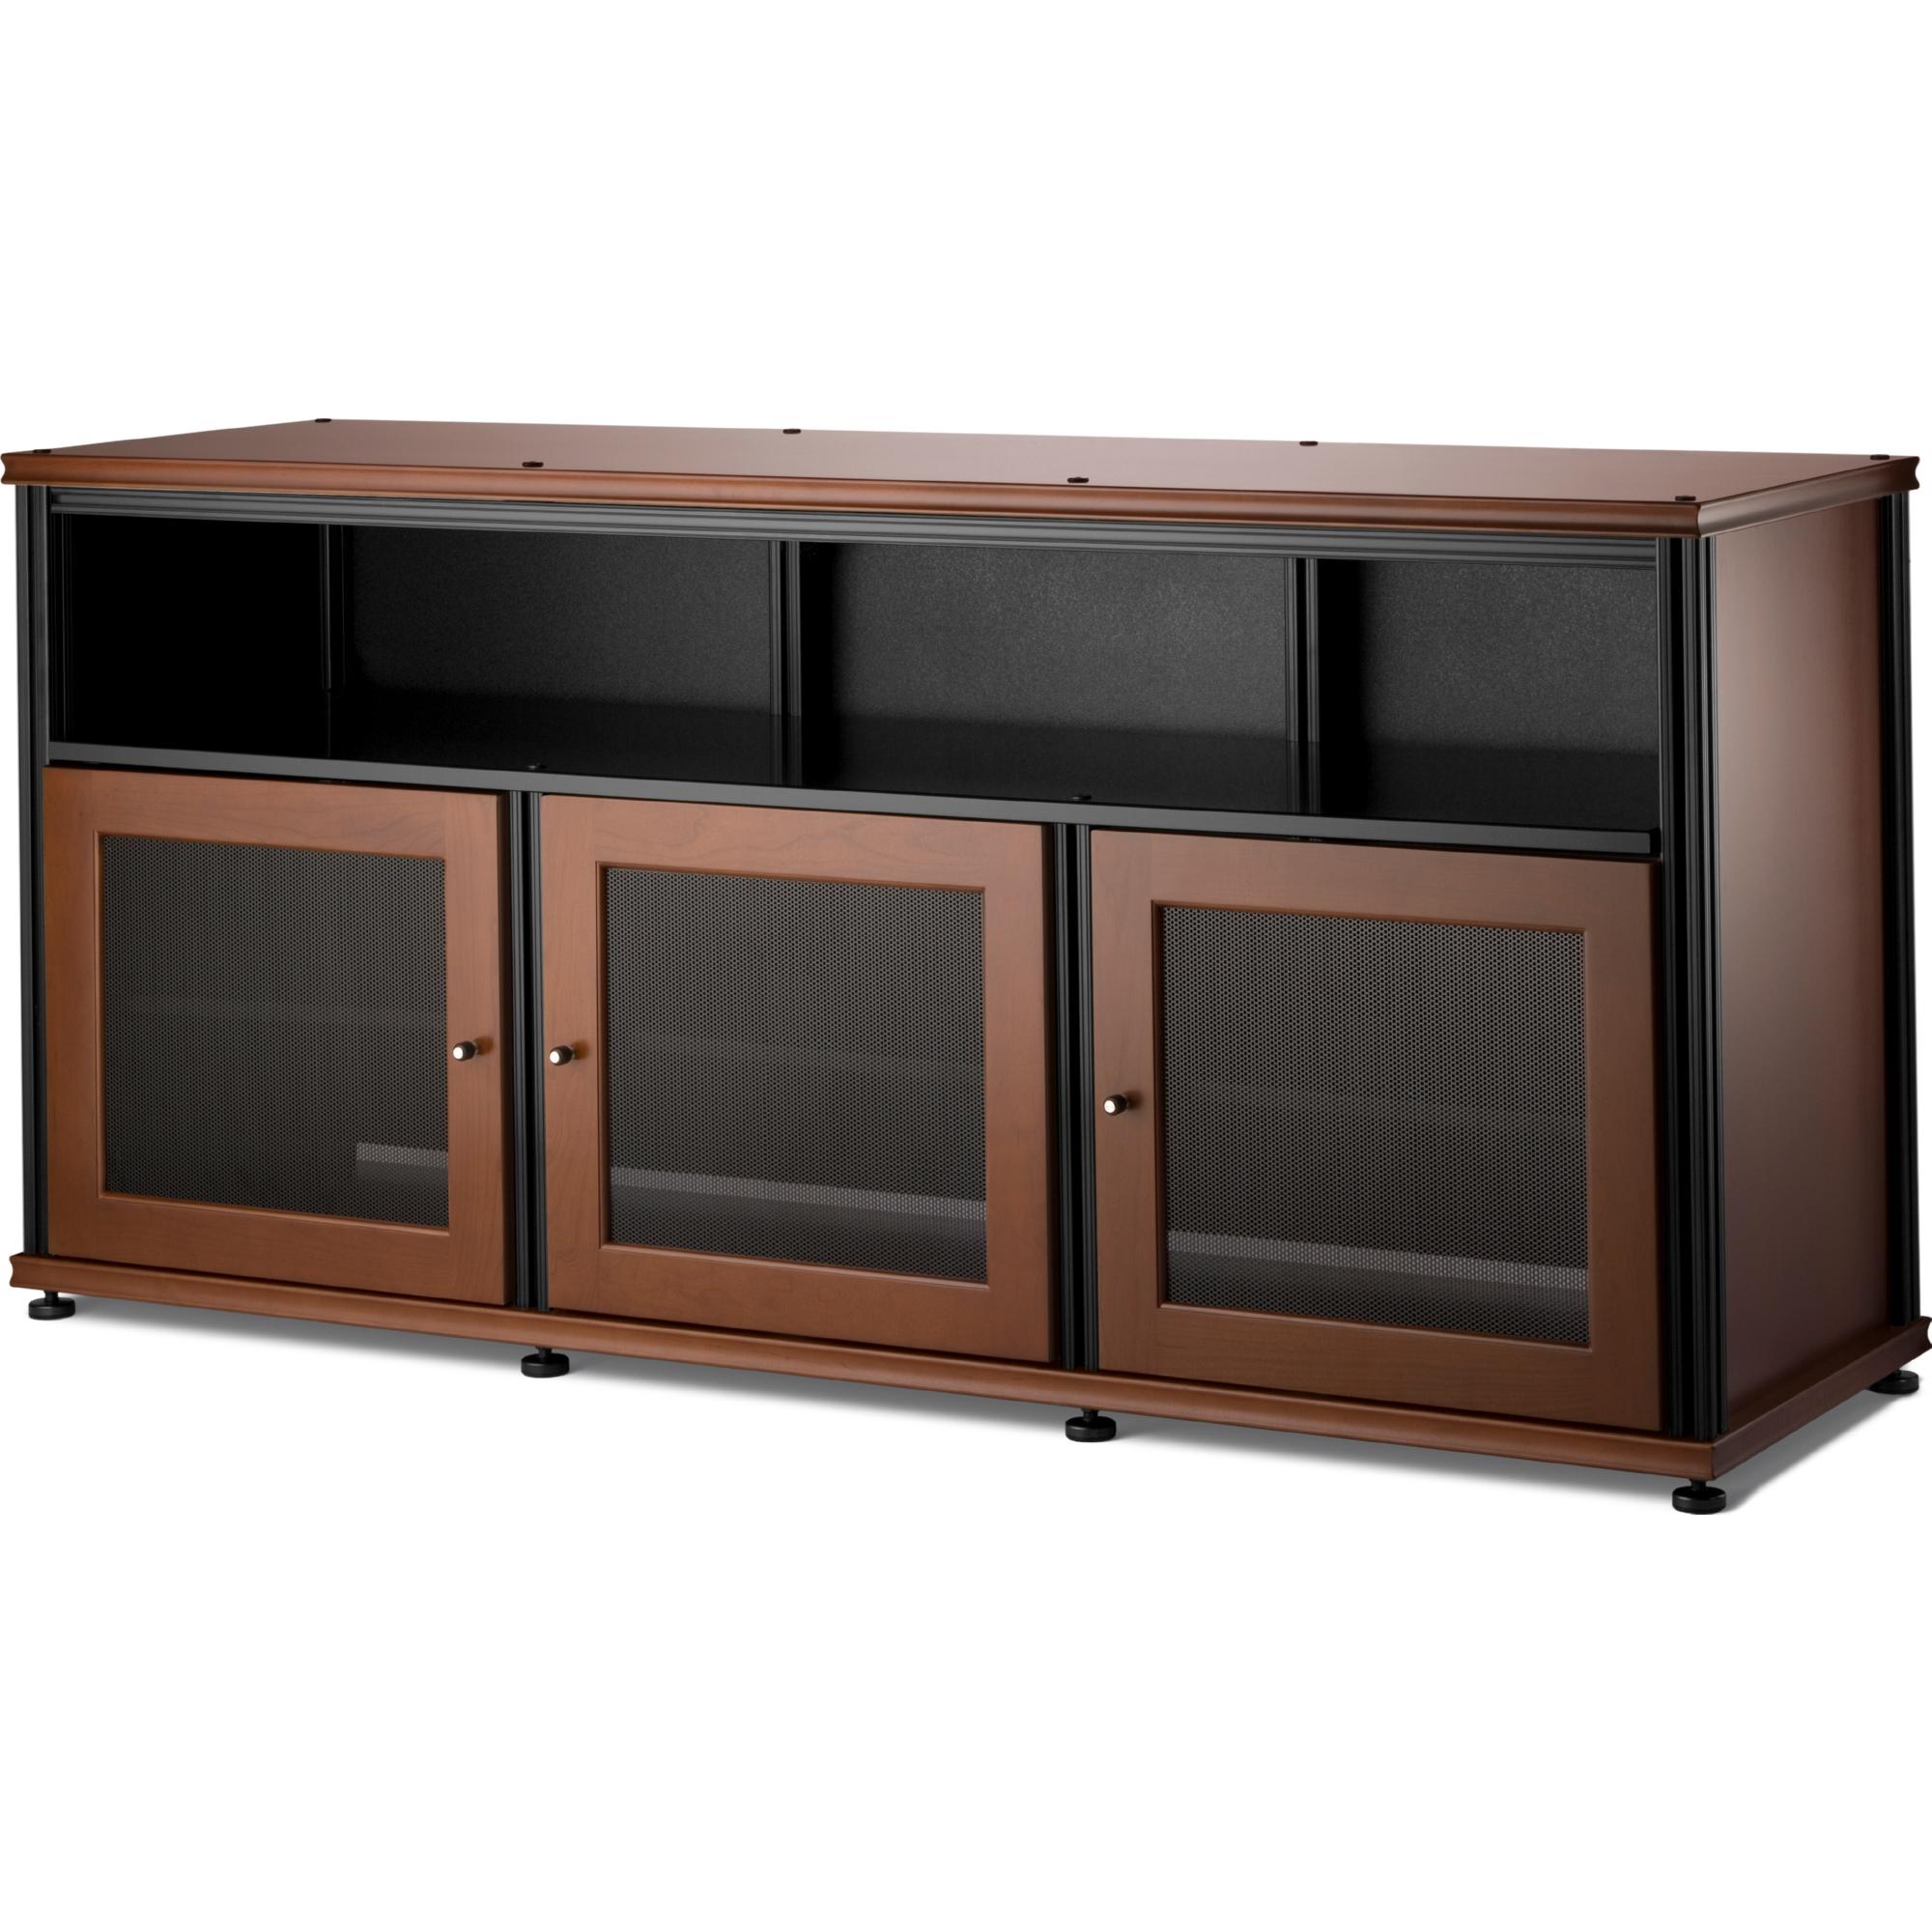 Salamander Designs - Muebles formados por sus necesidades